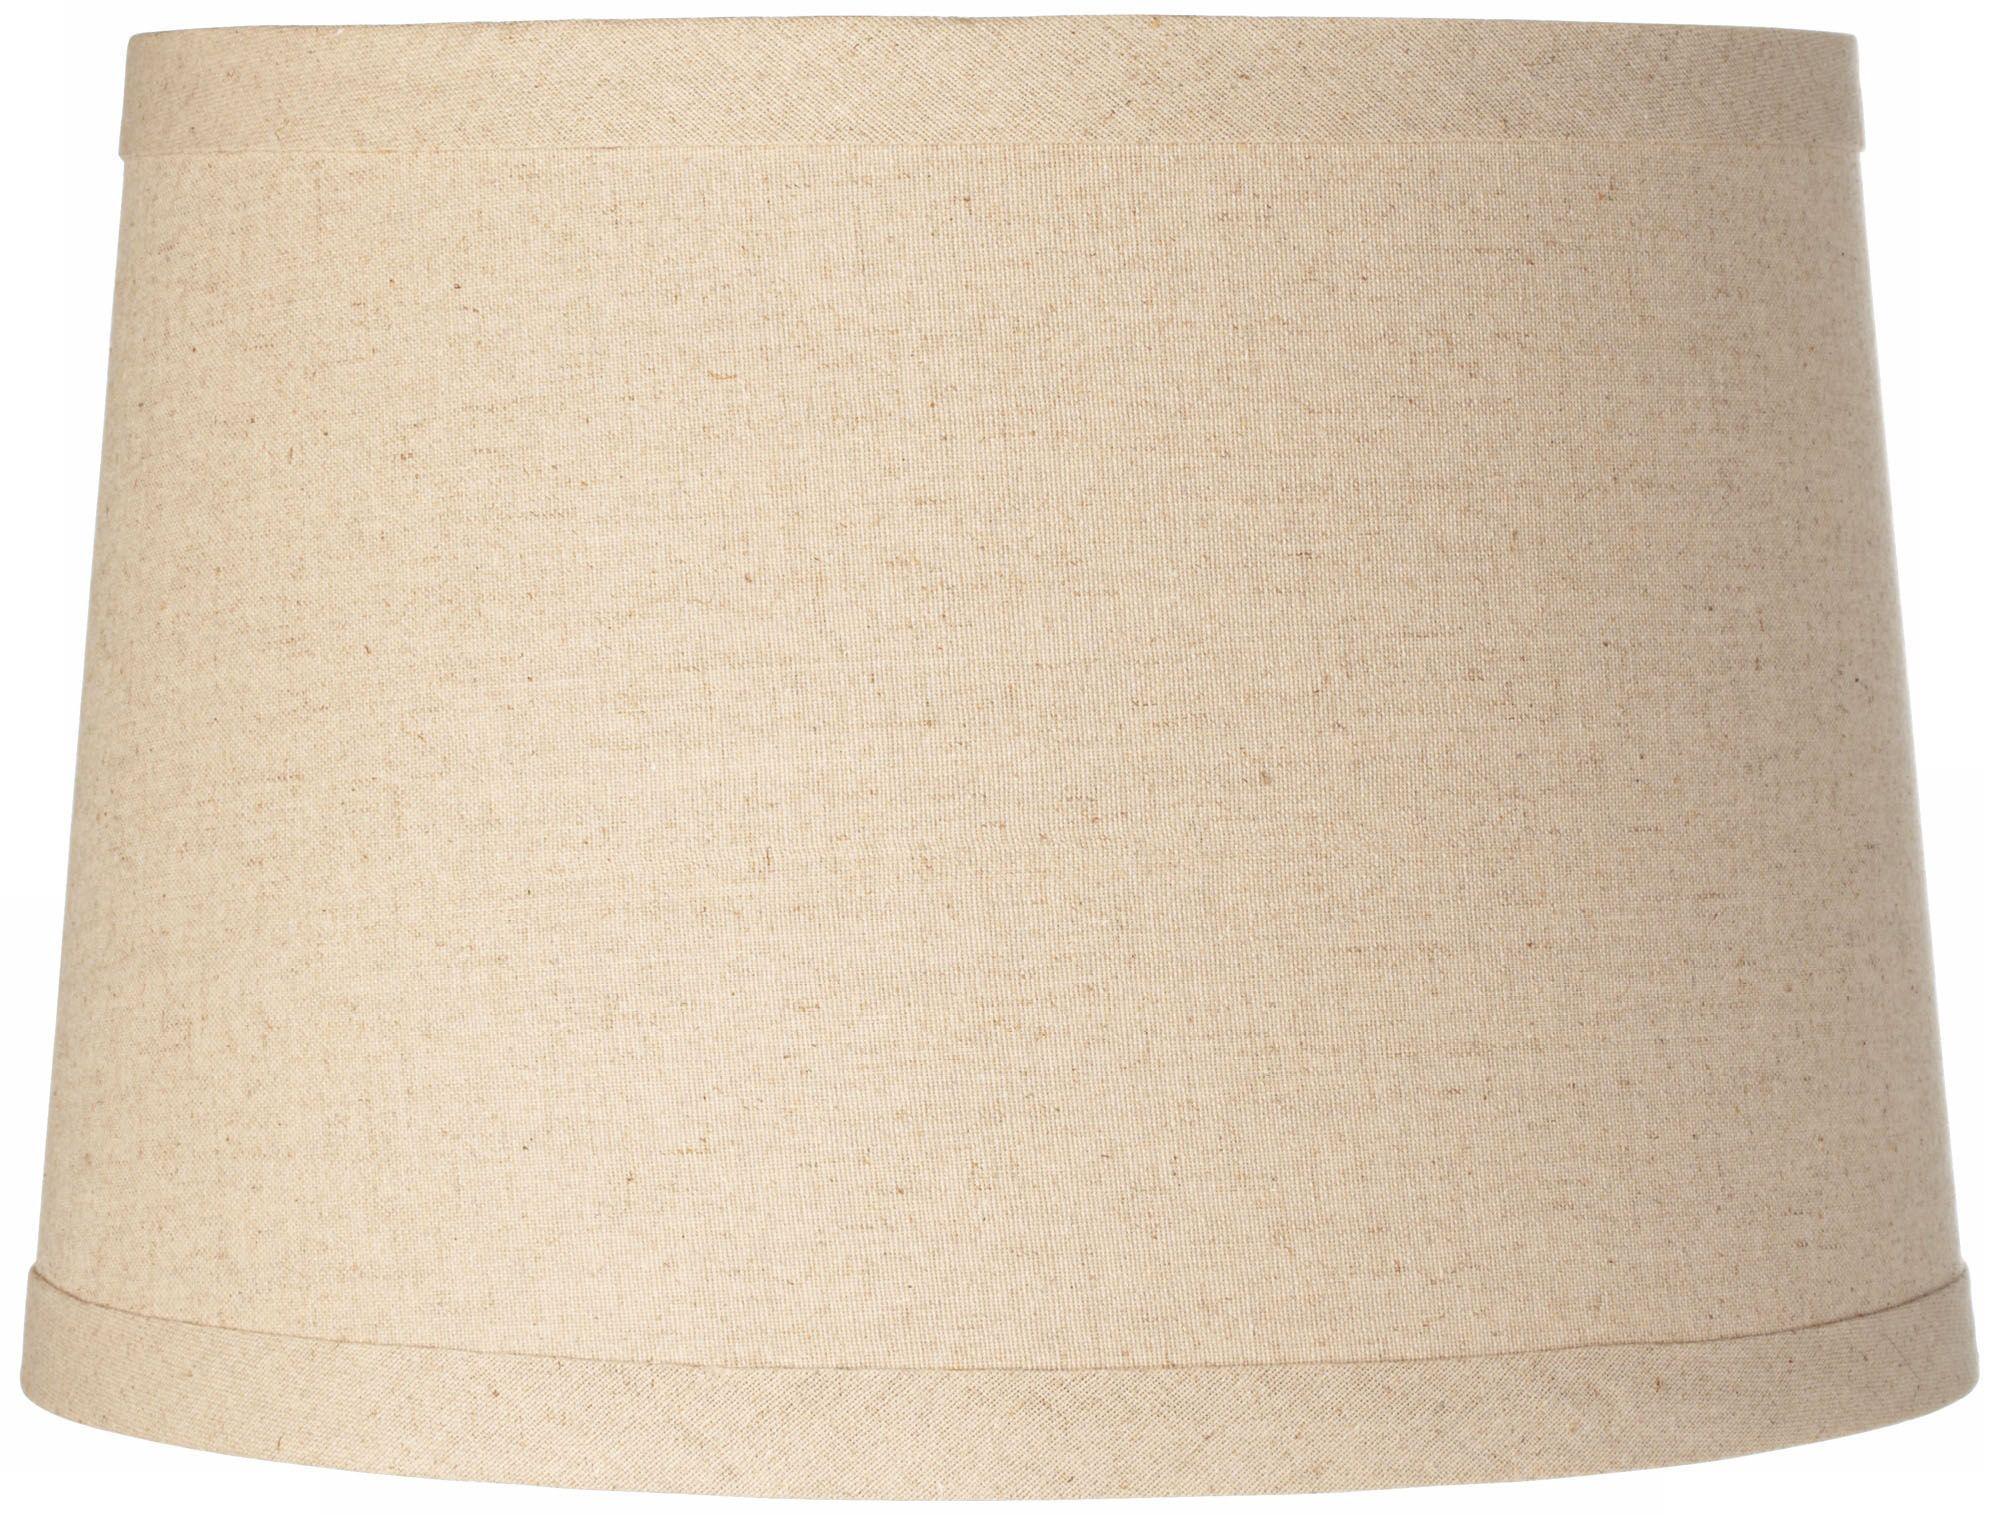 Burlap Drum Lamp Shade 14x16x11 (Spider)